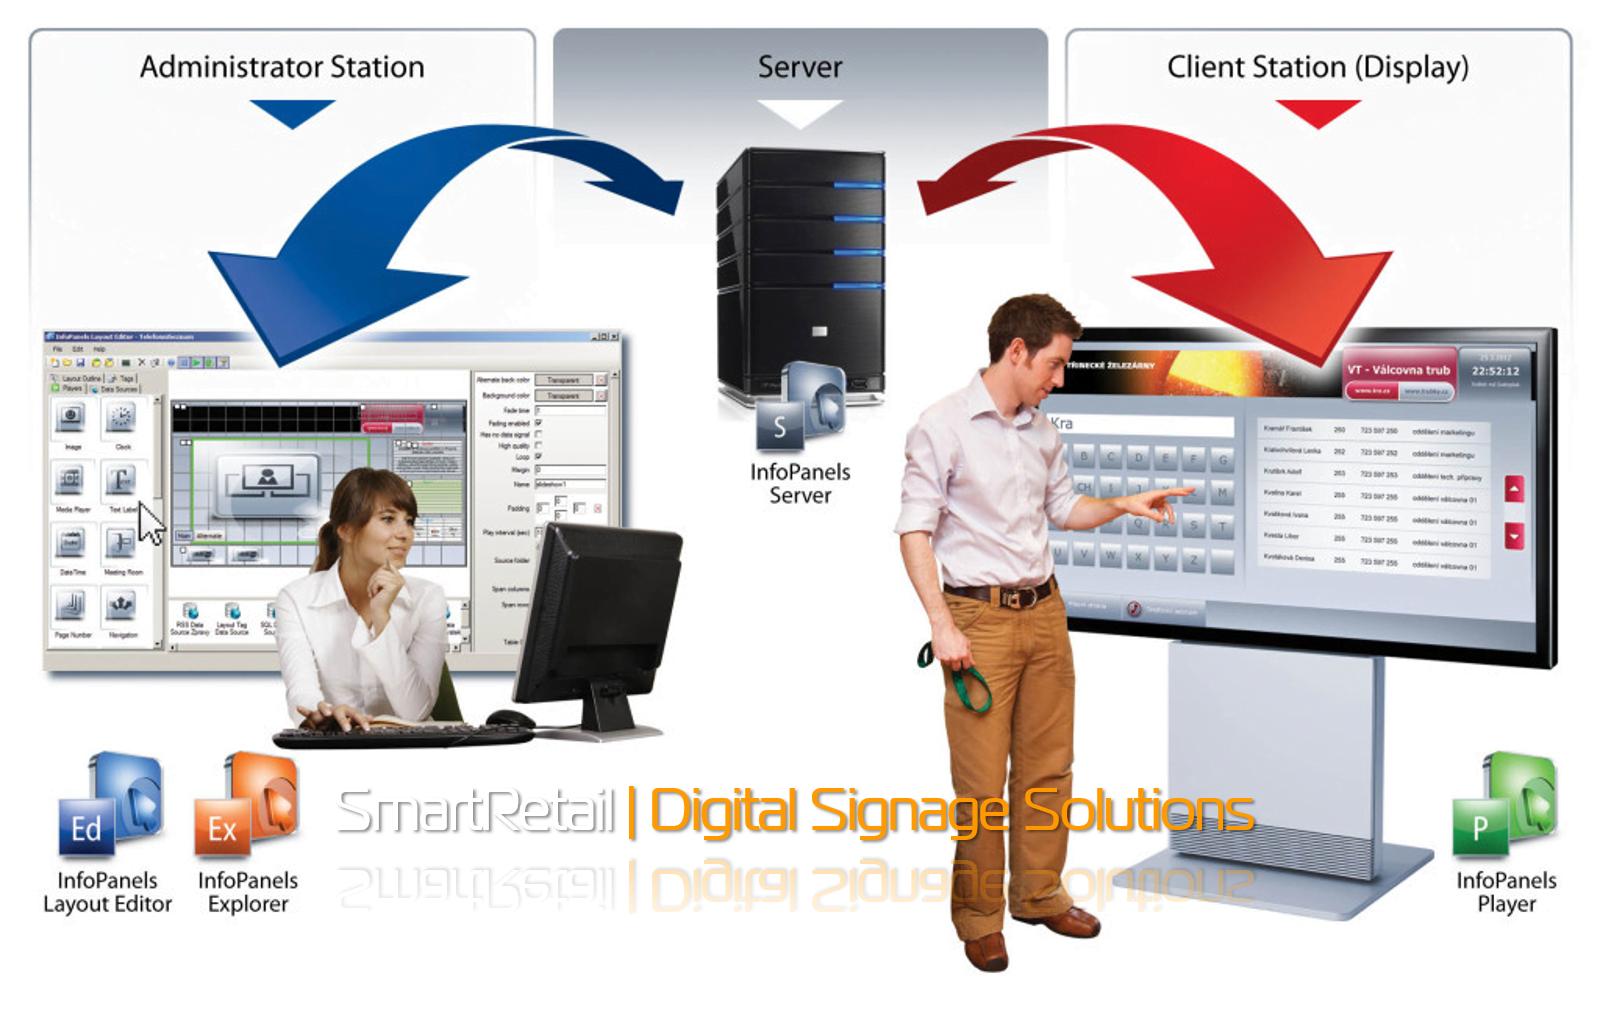 Hệ thống digital signage